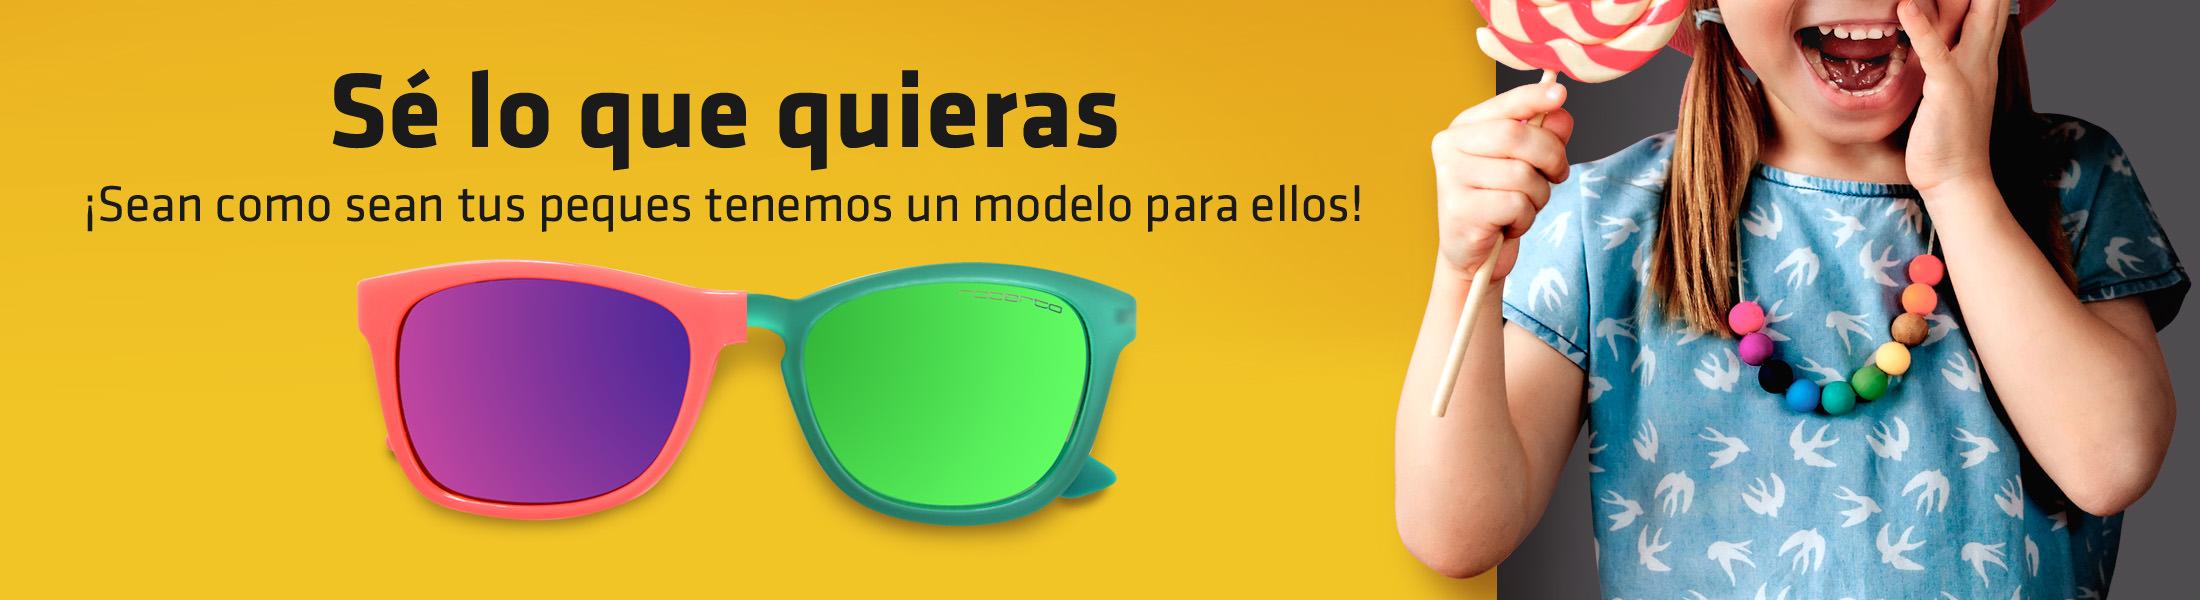 03038f8ec3 Gafas de sol para niños Roberto. Comprar en Roberto Martín